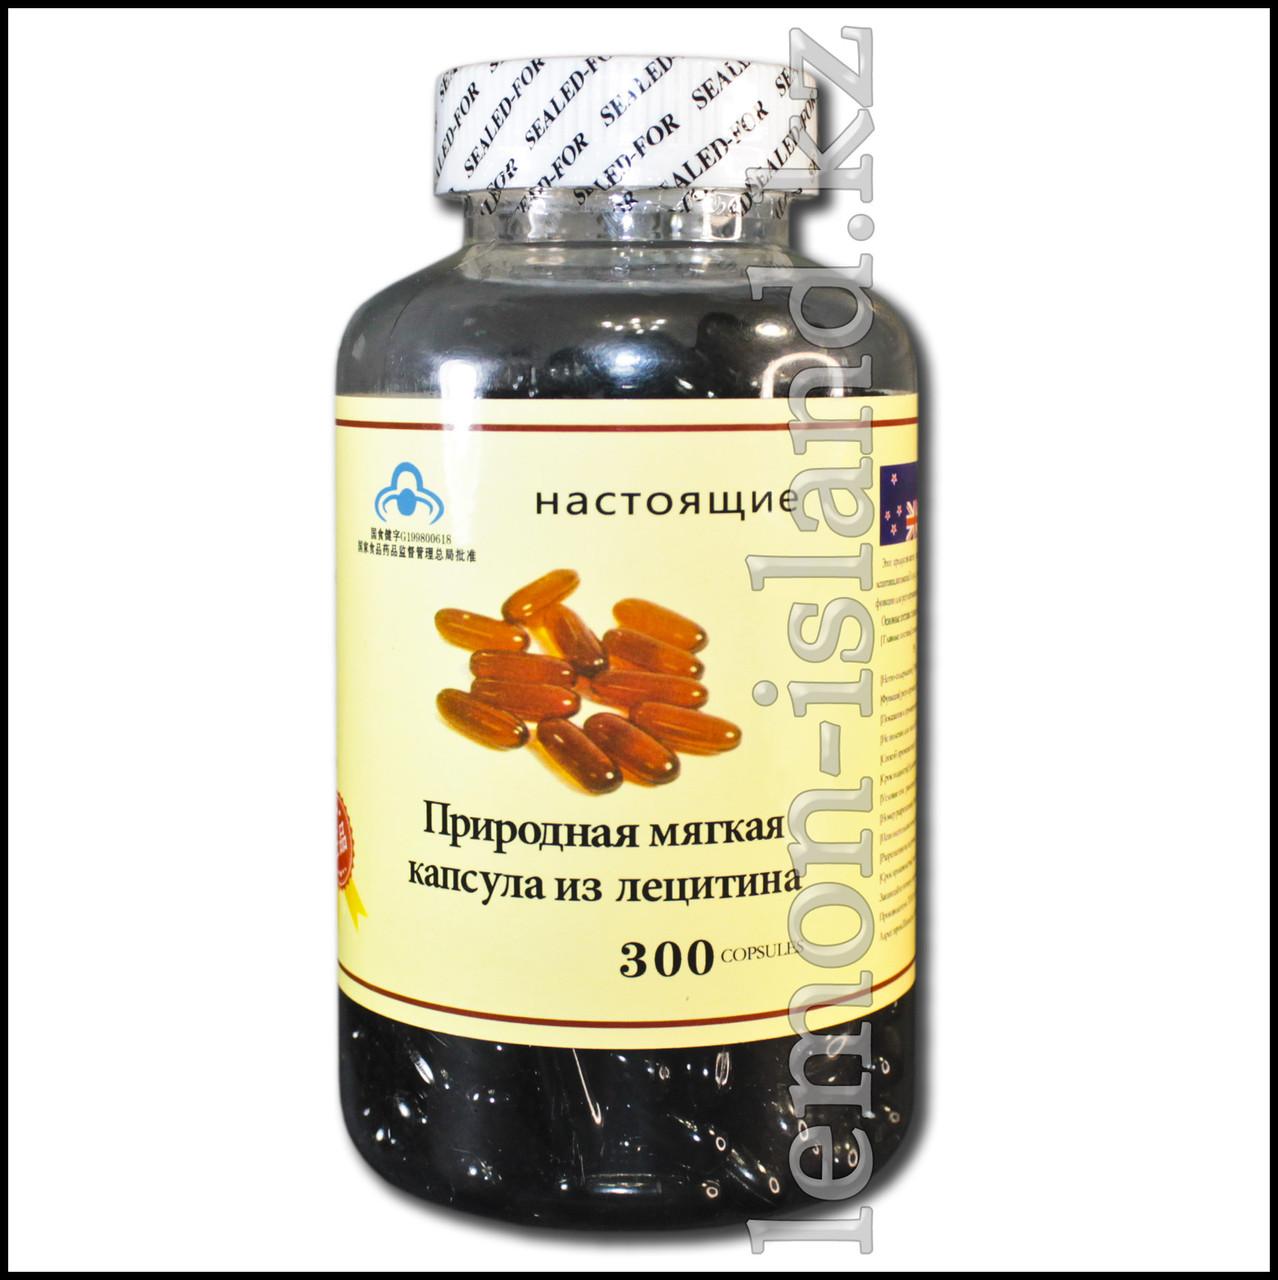 Лецитин в капсулах (300 капсул).